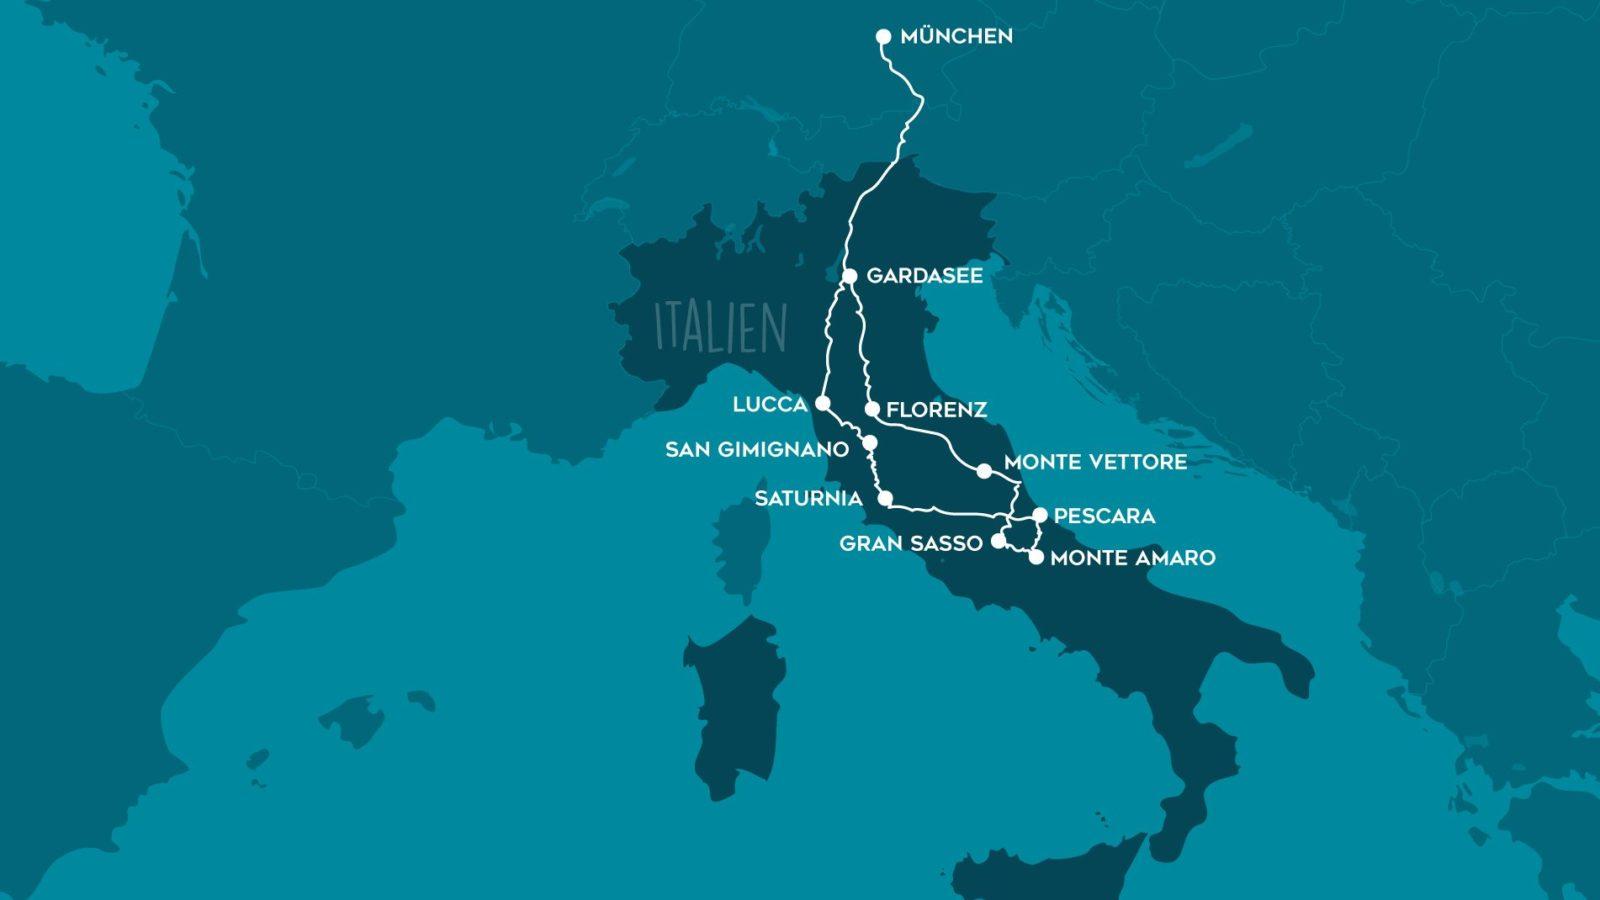 Unsere Italien Reiseroute für zwei Wochen mit dem Campervan